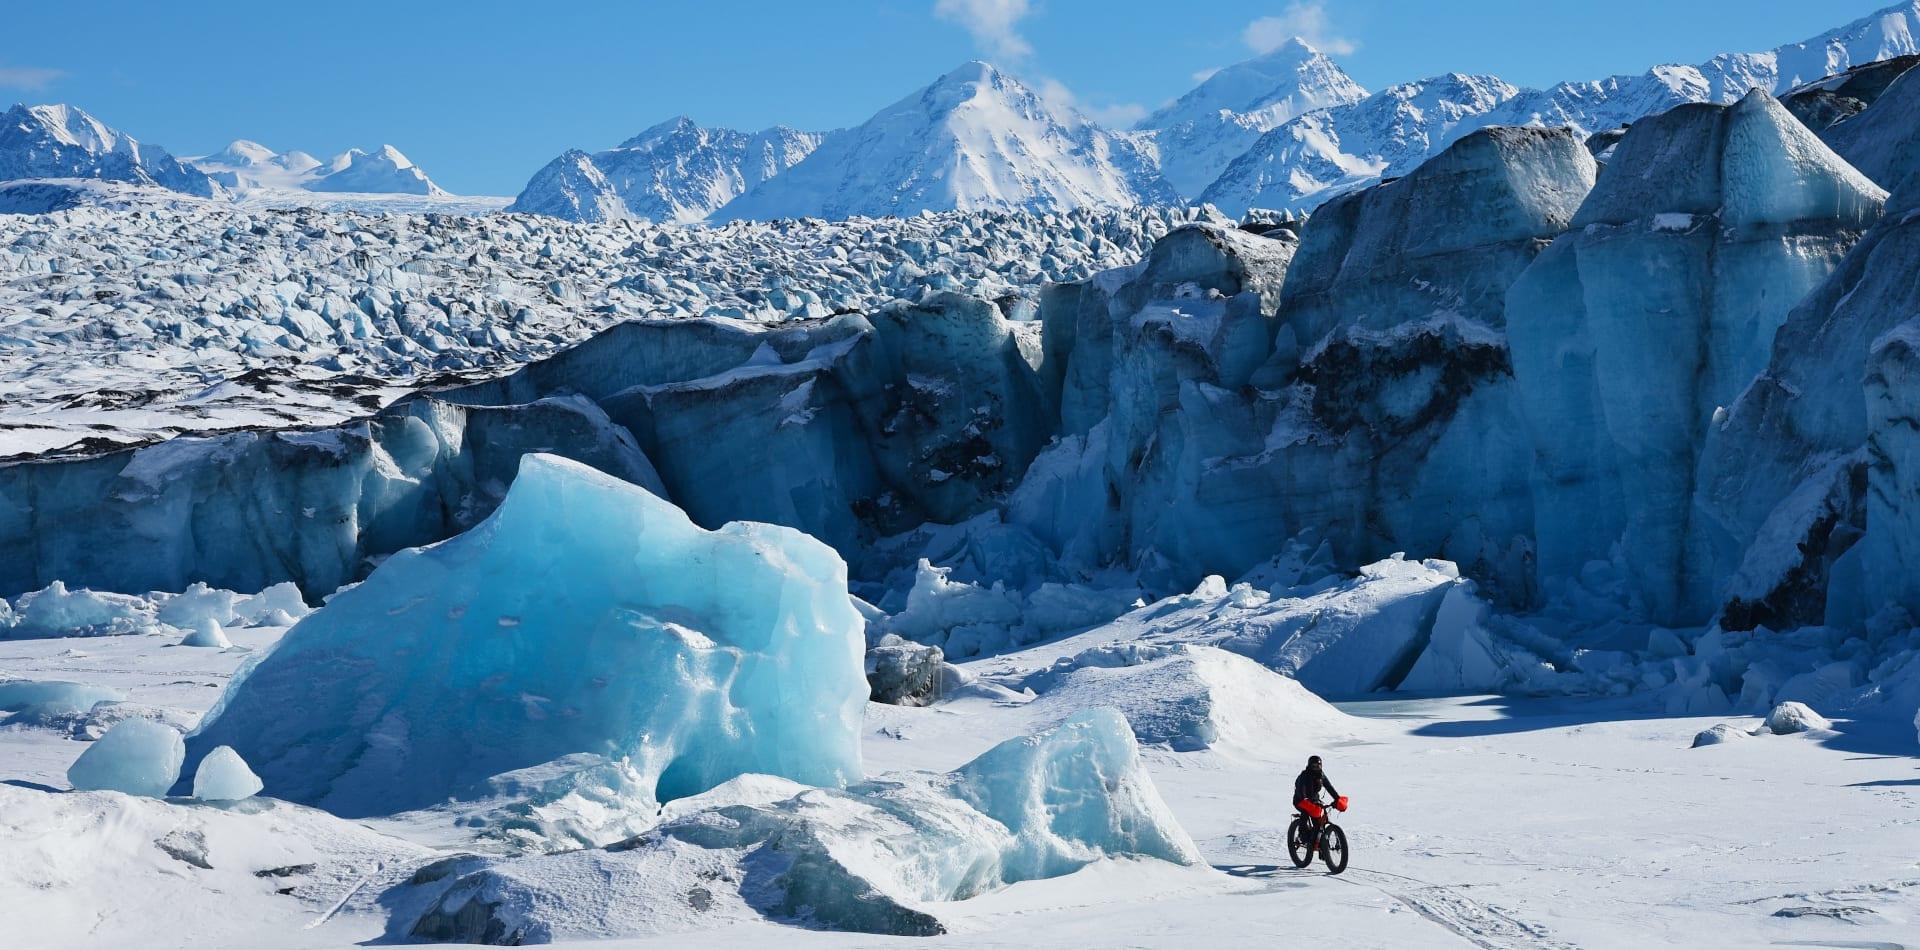 pelorus kink glacier alaska fat biking